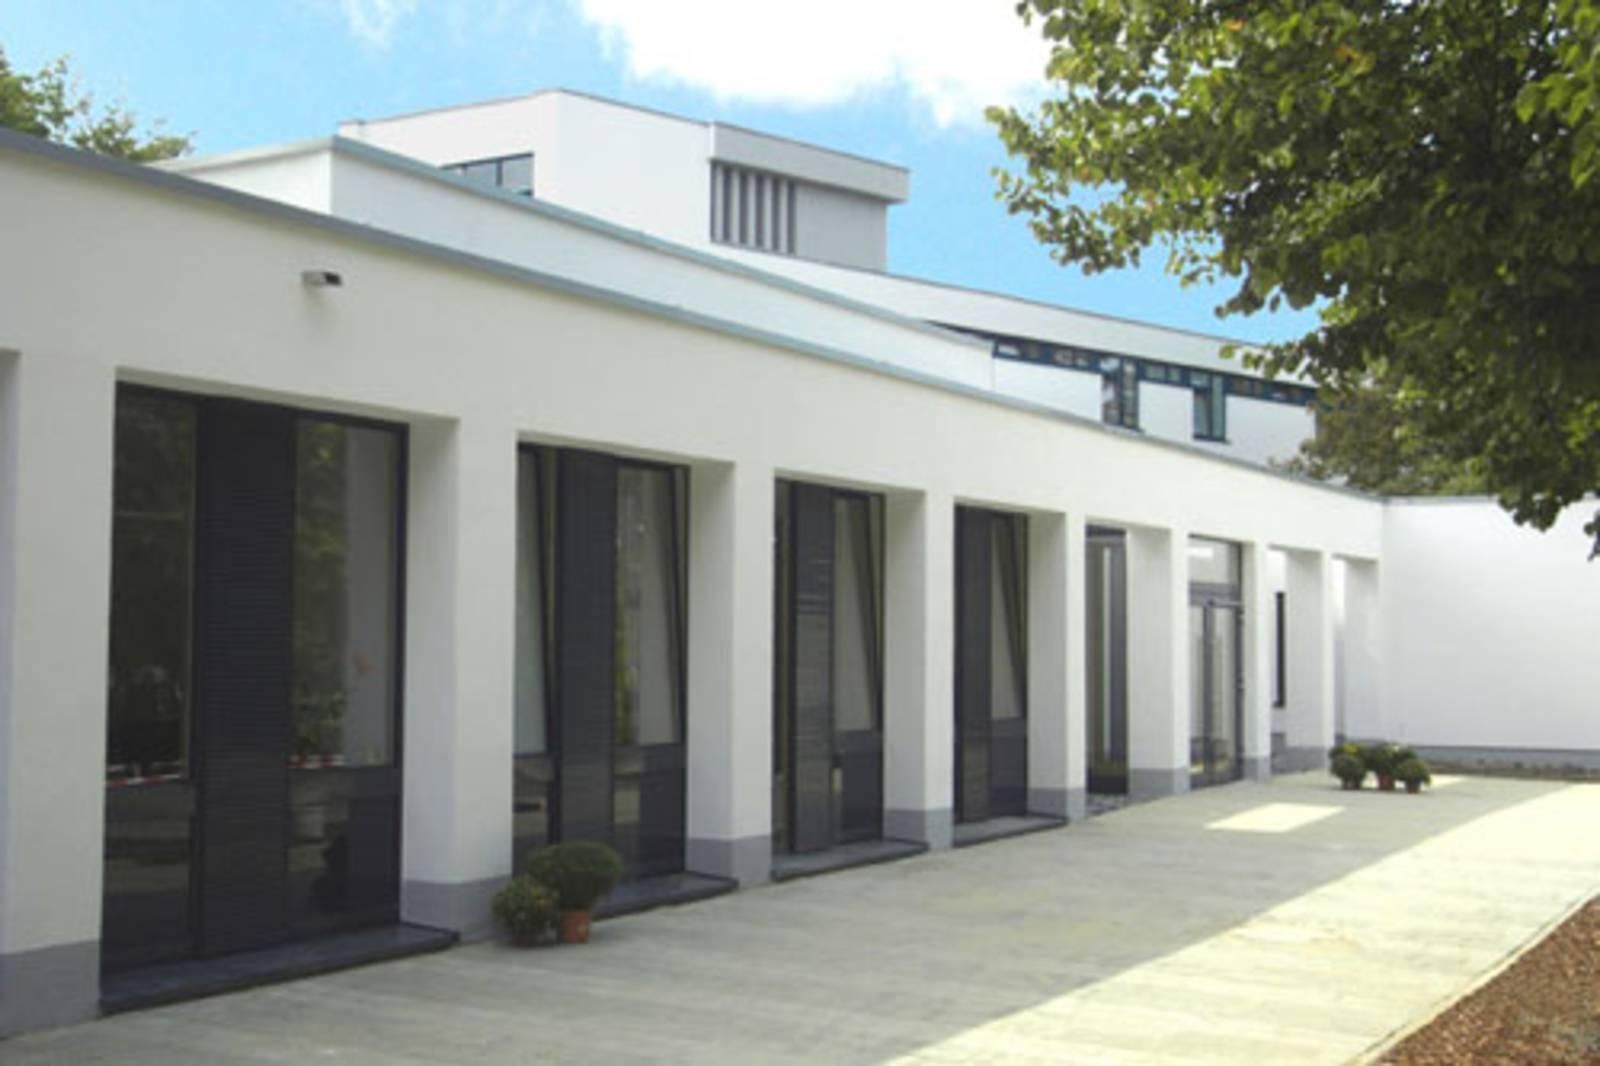 Das Kompetenzzentrum Demenz im Altenzentrum Heinemanhof